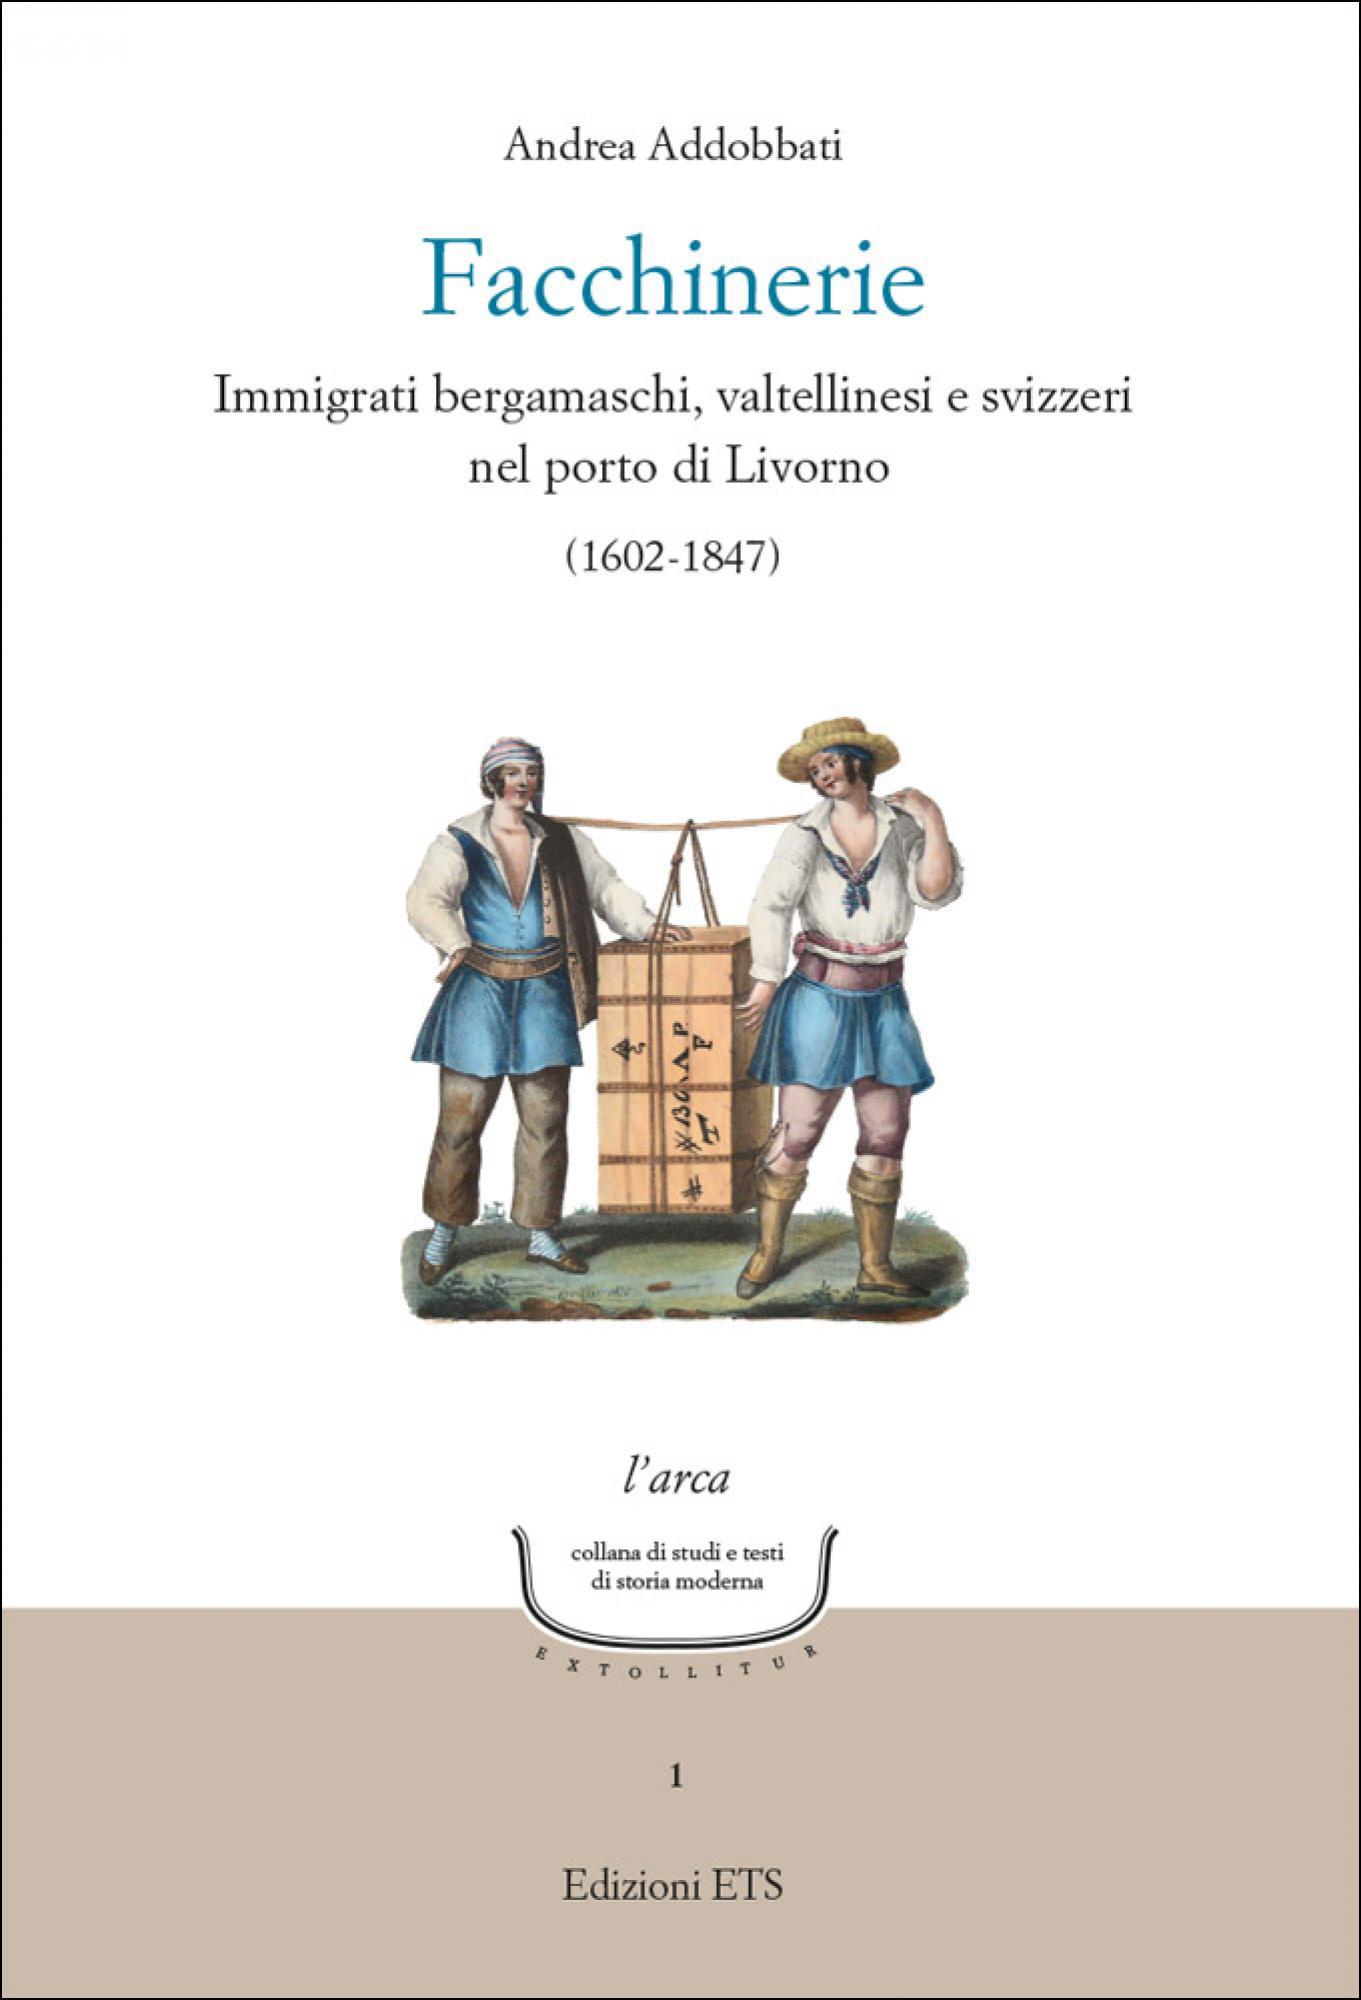 Facchinerie.Immigrati bergamaschi, valtellinesi e svizzeri nel porto di Livorno (1602-1847)